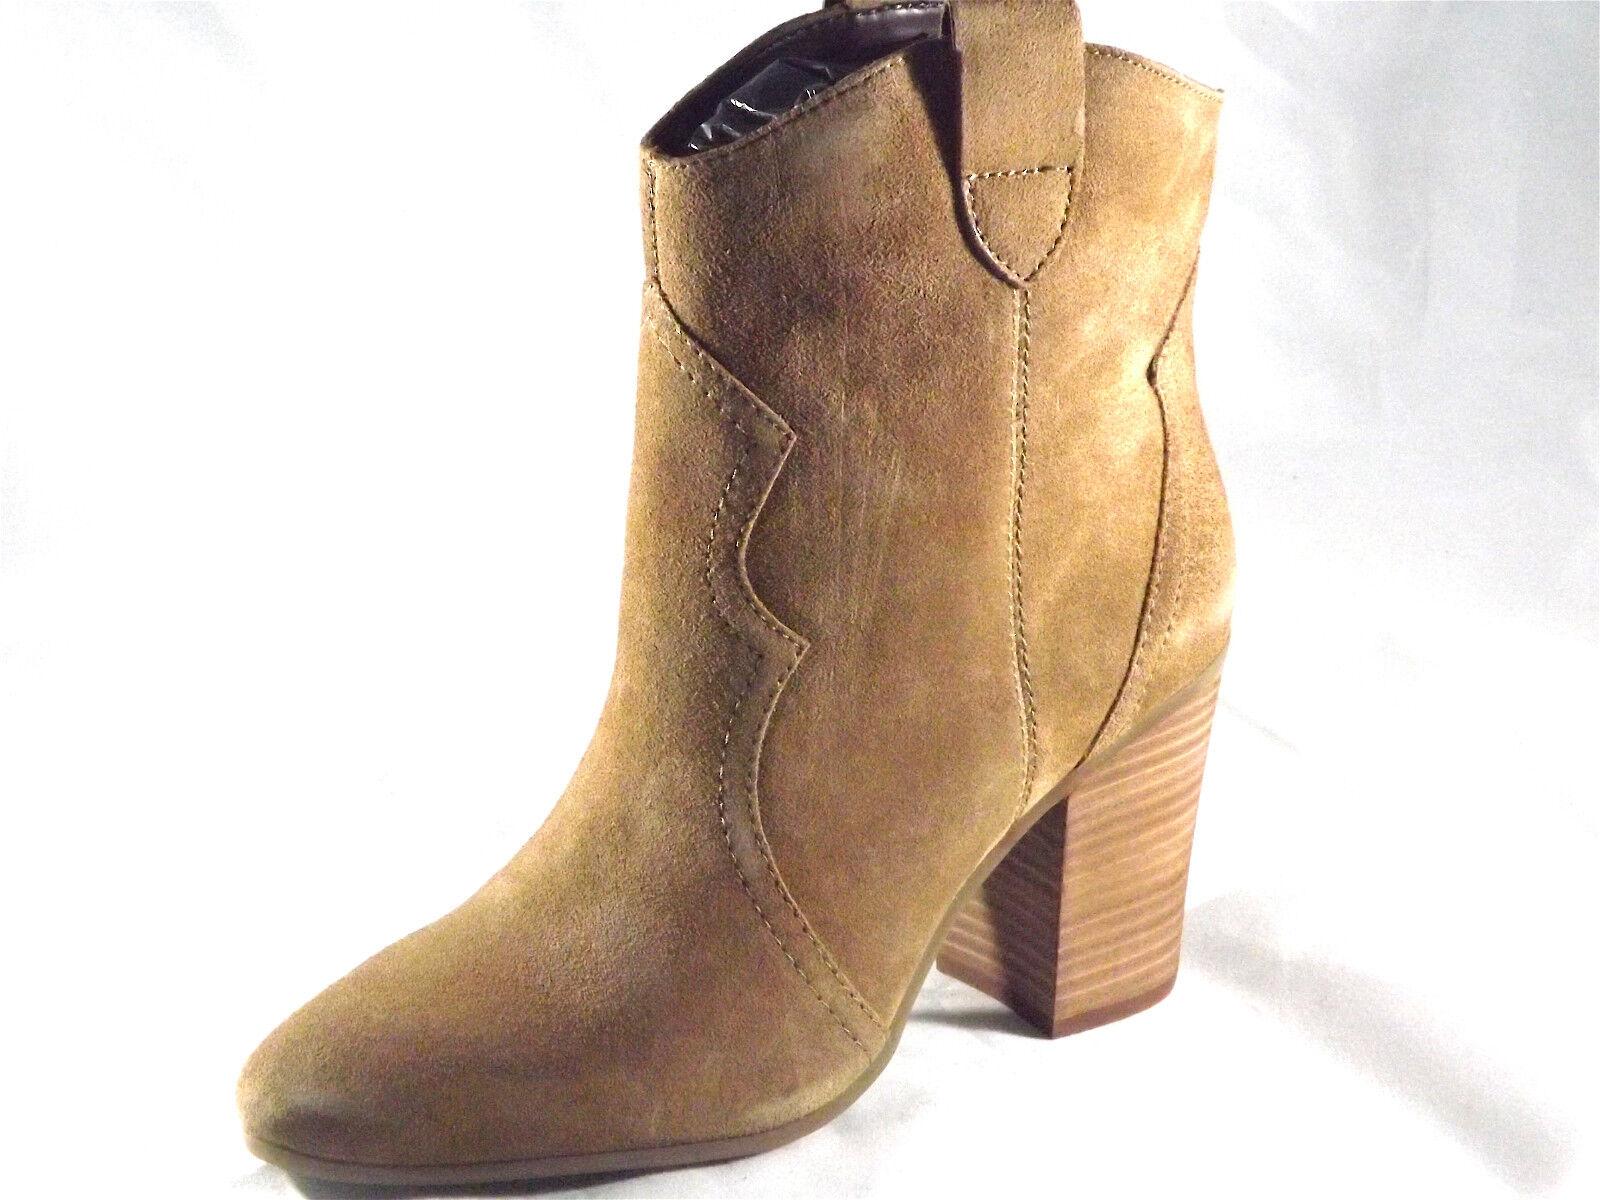 Aerosoles (Lincoln Plaza en bota) ante tobillo bota) en para mujer 8.5 Nuevo 555c7a